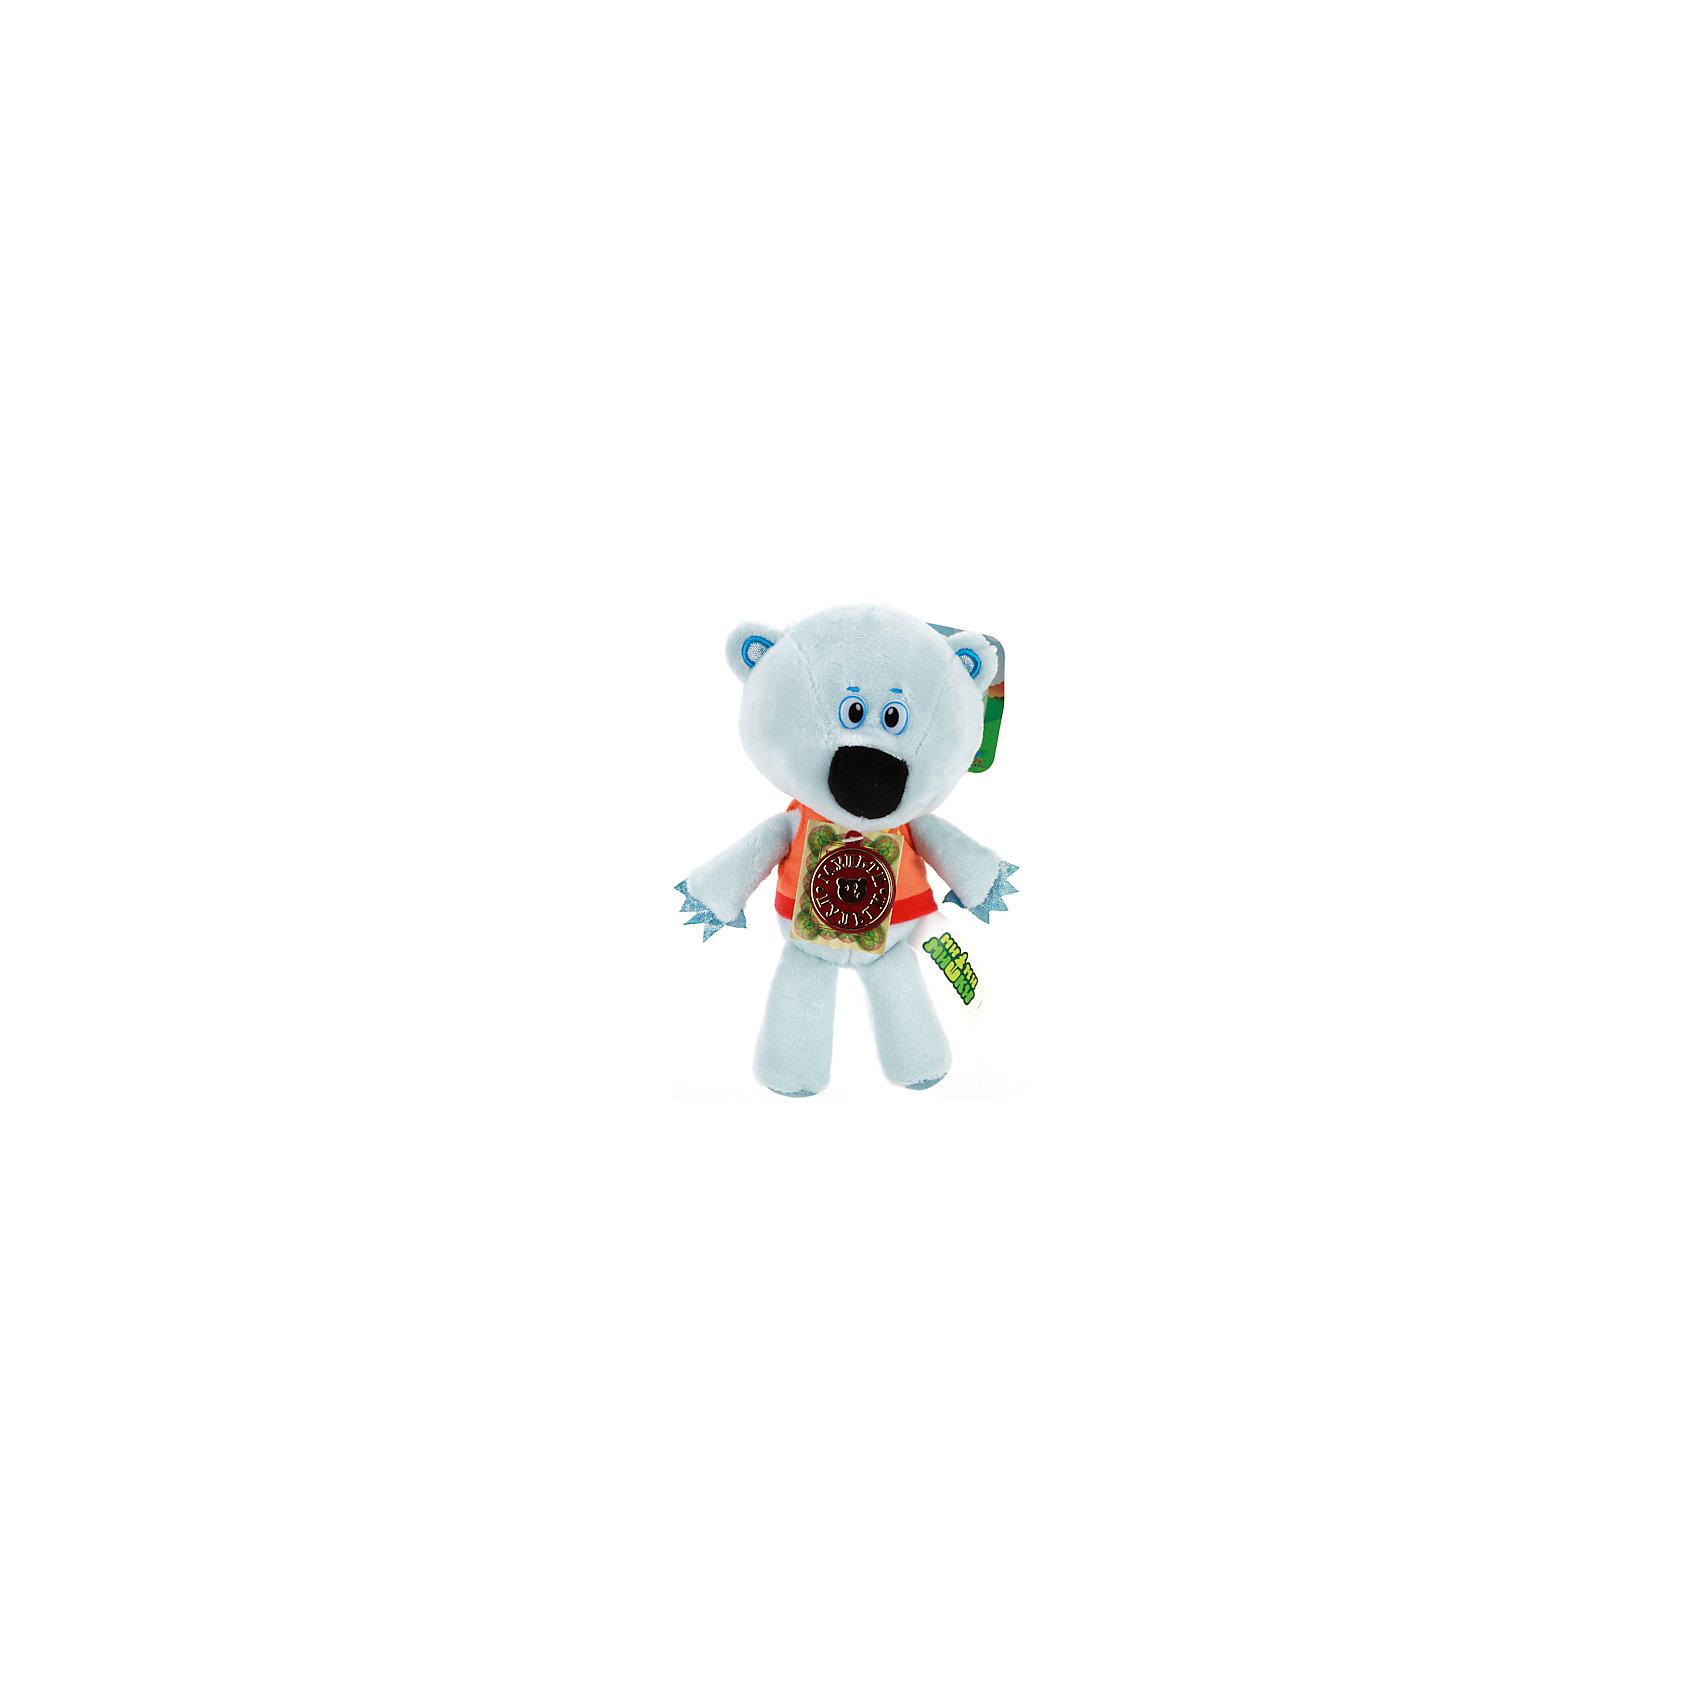 Мягкая игрушка Медвежонок белая тучка, 20 см, Мульти-ПультиЛюбимые герои<br>Игрушки могут не только развлекать малыша, но и помогать его всестороннему развитию. Этот медвежонок поможет формированию разных навыков, он помогает развить тактильное восприятие, цветовосприятие, звуковосприятие и мелкую моторику.<br>Изделие представляет собой игрушку из приятного на ощупь материала со звуковым модулем - ребенок может послушать песни. Сделана игрушка из качественных материалов, безопасных для ребенка.<br><br>Дополнительная информация:<br><br>цвет: разноцветный;<br>материал: текстиль;<br>звуковой модуль;<br>высота: 20 см.<br><br>Мягкую игрушку Медвежонок белая тучка, 20 см, от бренда Мульти-Пульти можно купить в нашем магазине.<br><br>Ширина мм: 100<br>Глубина мм: 280<br>Высота мм: 200<br>Вес г: 130<br>Возраст от месяцев: 36<br>Возраст до месяцев: 2147483647<br>Пол: Унисекс<br>Возраст: Детский<br>SKU: 5002239